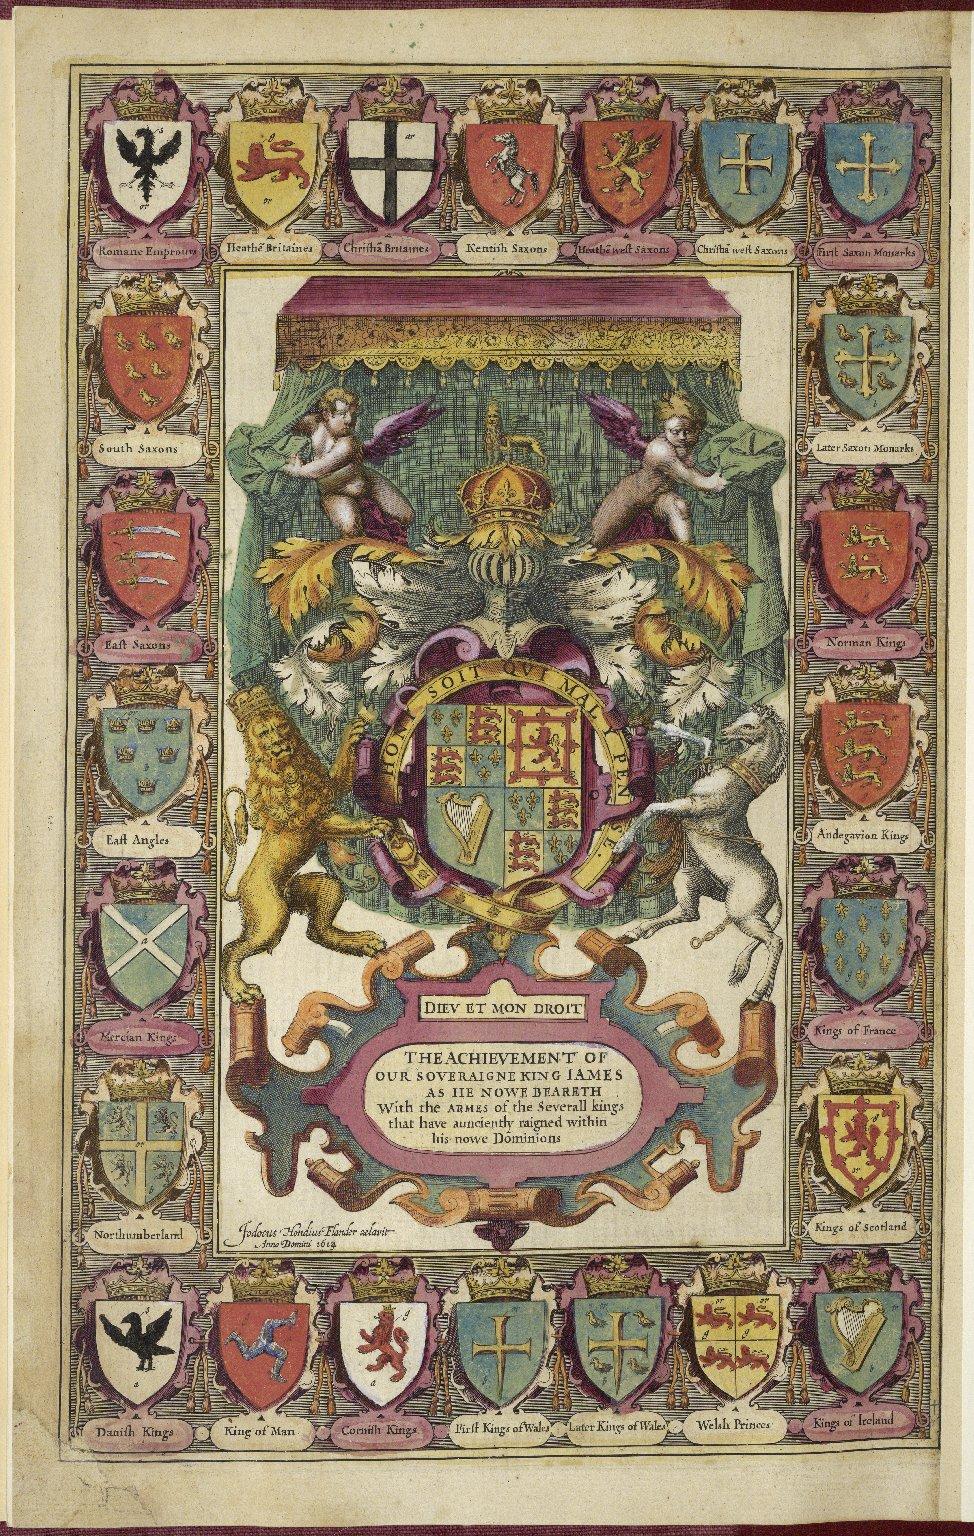 [Theatre of the Empire of Great Britaine. Latin] Theatrum imperii Magnæ Britanniæ; exactam regnorum Angliæ Scotiæ Hiberniæ et insularum adiacentium geographia[m] ob oculos ponens: vna cum comitatibus, centurijs, vrbibus et primarijs comitatum oppidis intra regnum Angliæ, divisis et descriptis. Opus, nuper quidem à Iohanne Spédo cive Londinensi Anglicè conscriptum: nunc verò, à Philemone Hollando, apud Coventrianos medicinæ doctore, Latinitate donatum.